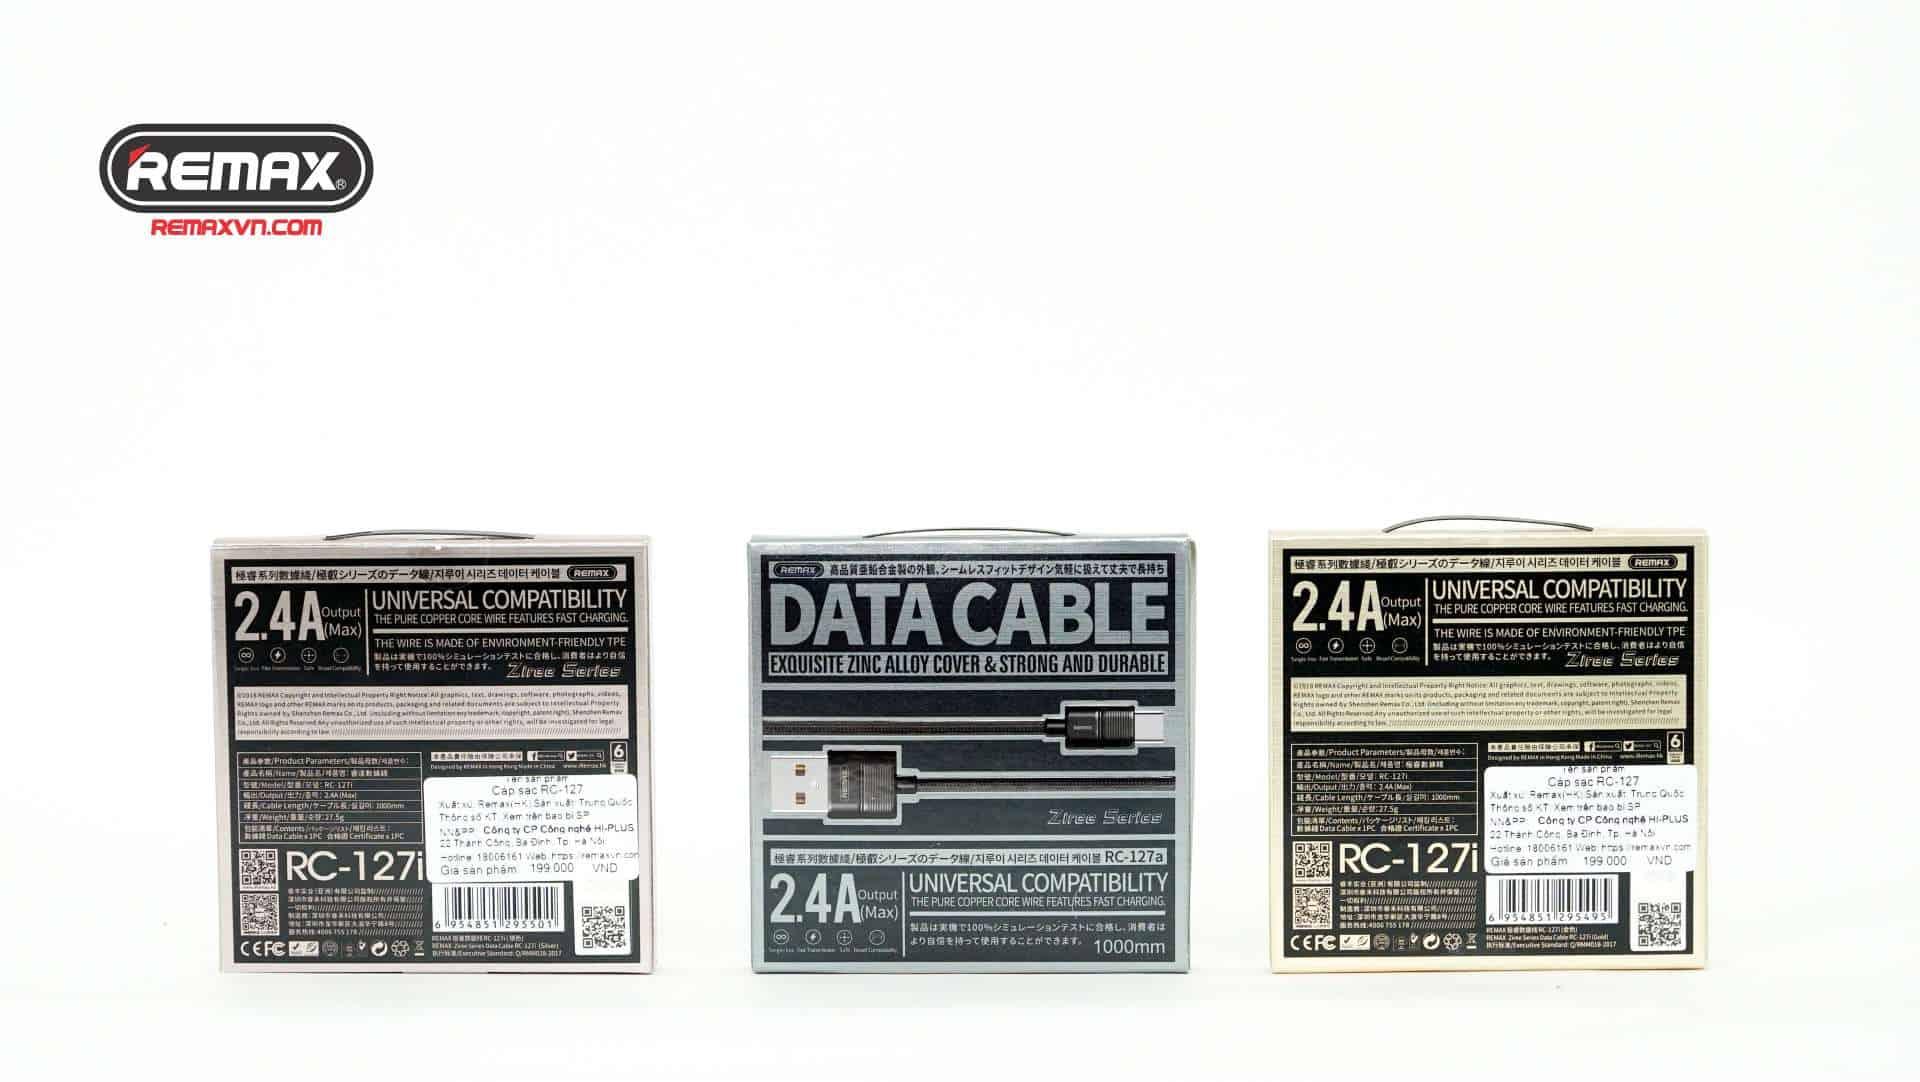 Cáp dữ liệu Remax 2.4A RC-127